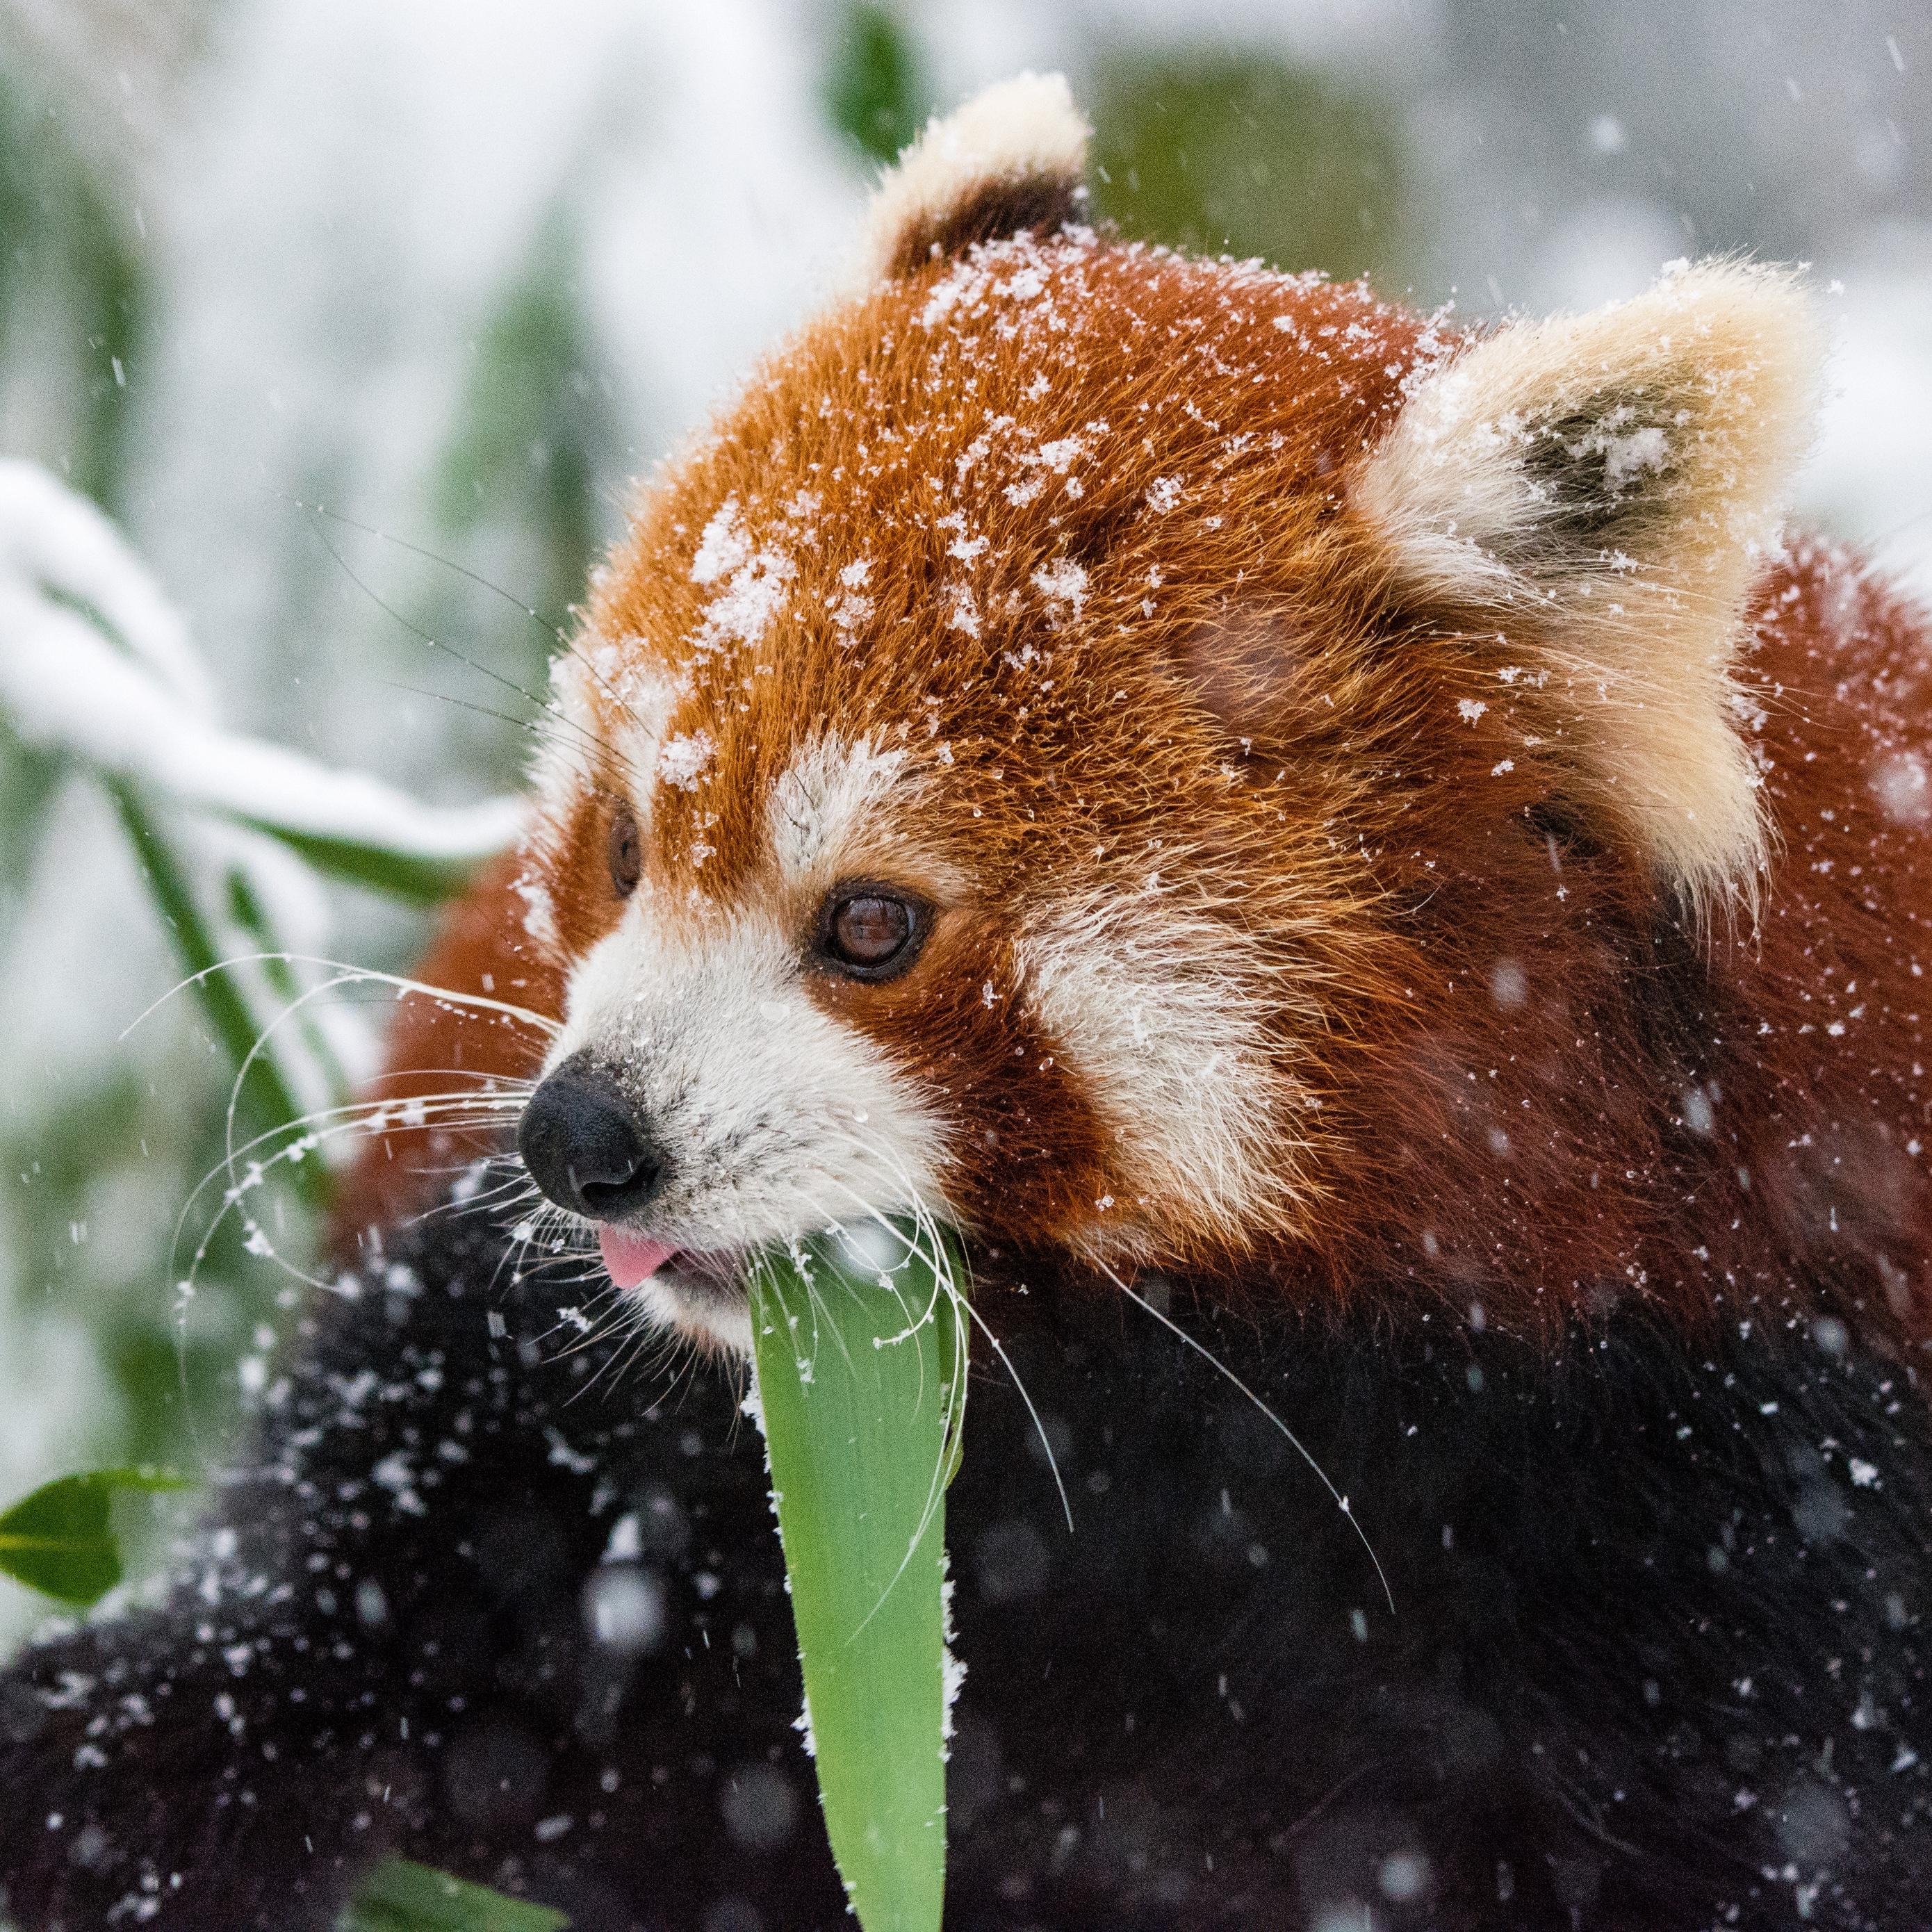 Download wallpaper 2780x2780 panda red panda snow walk ipad air 2780x2780